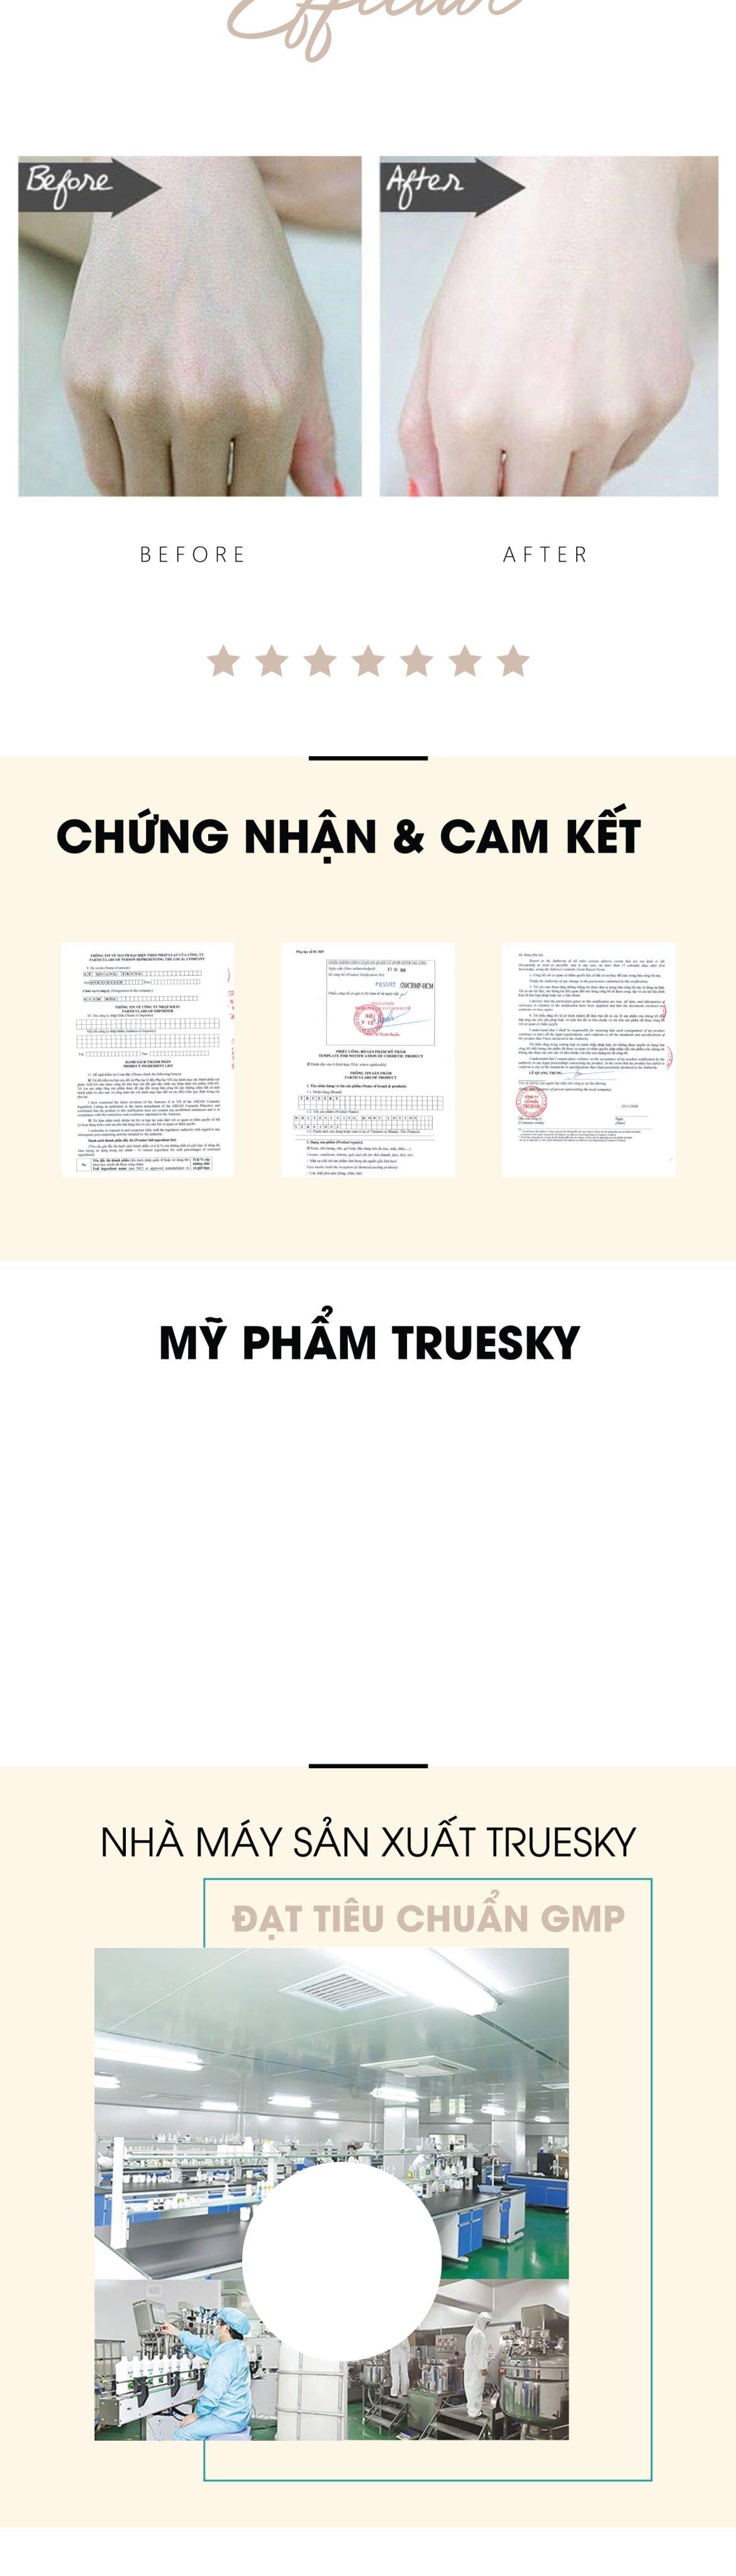 Kem dưỡng trắng da toàn thân Truesky Version 2 dạng lotion thẩm thấu và dưỡng trắng nhanh 100ml - Whitening Body Lotion 5